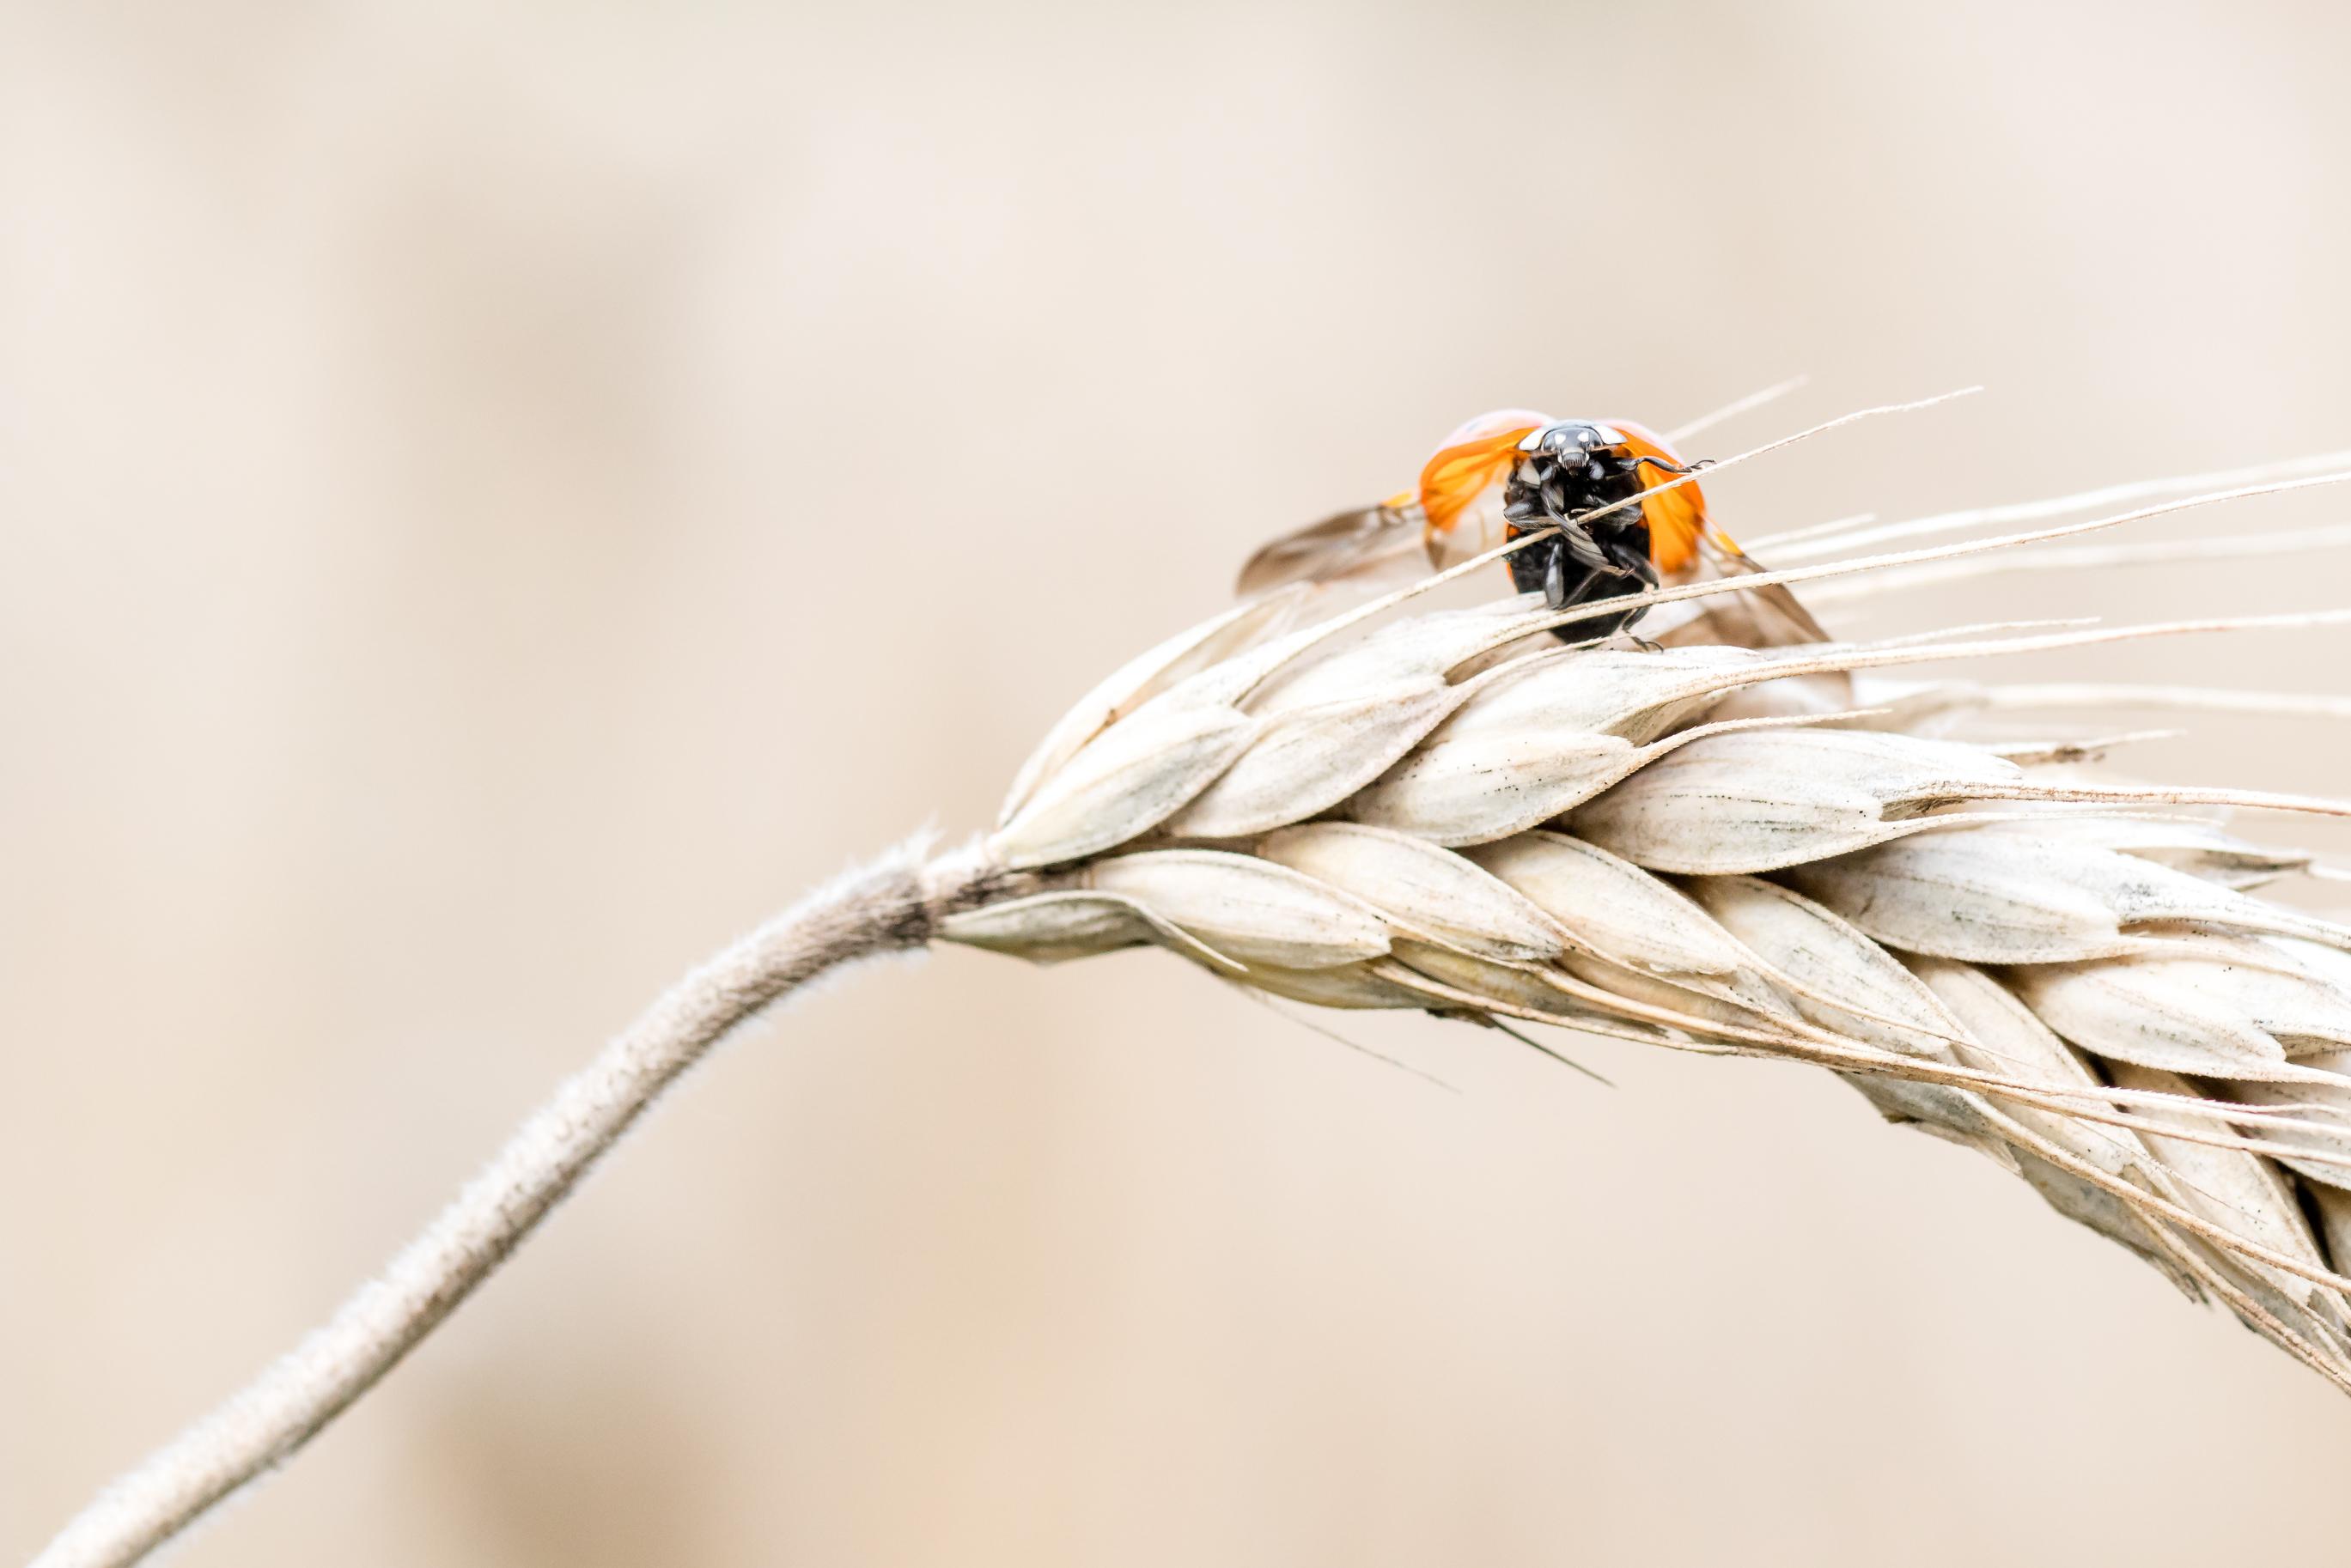 Lieveheersbeestje, Ladybug, macro, insect